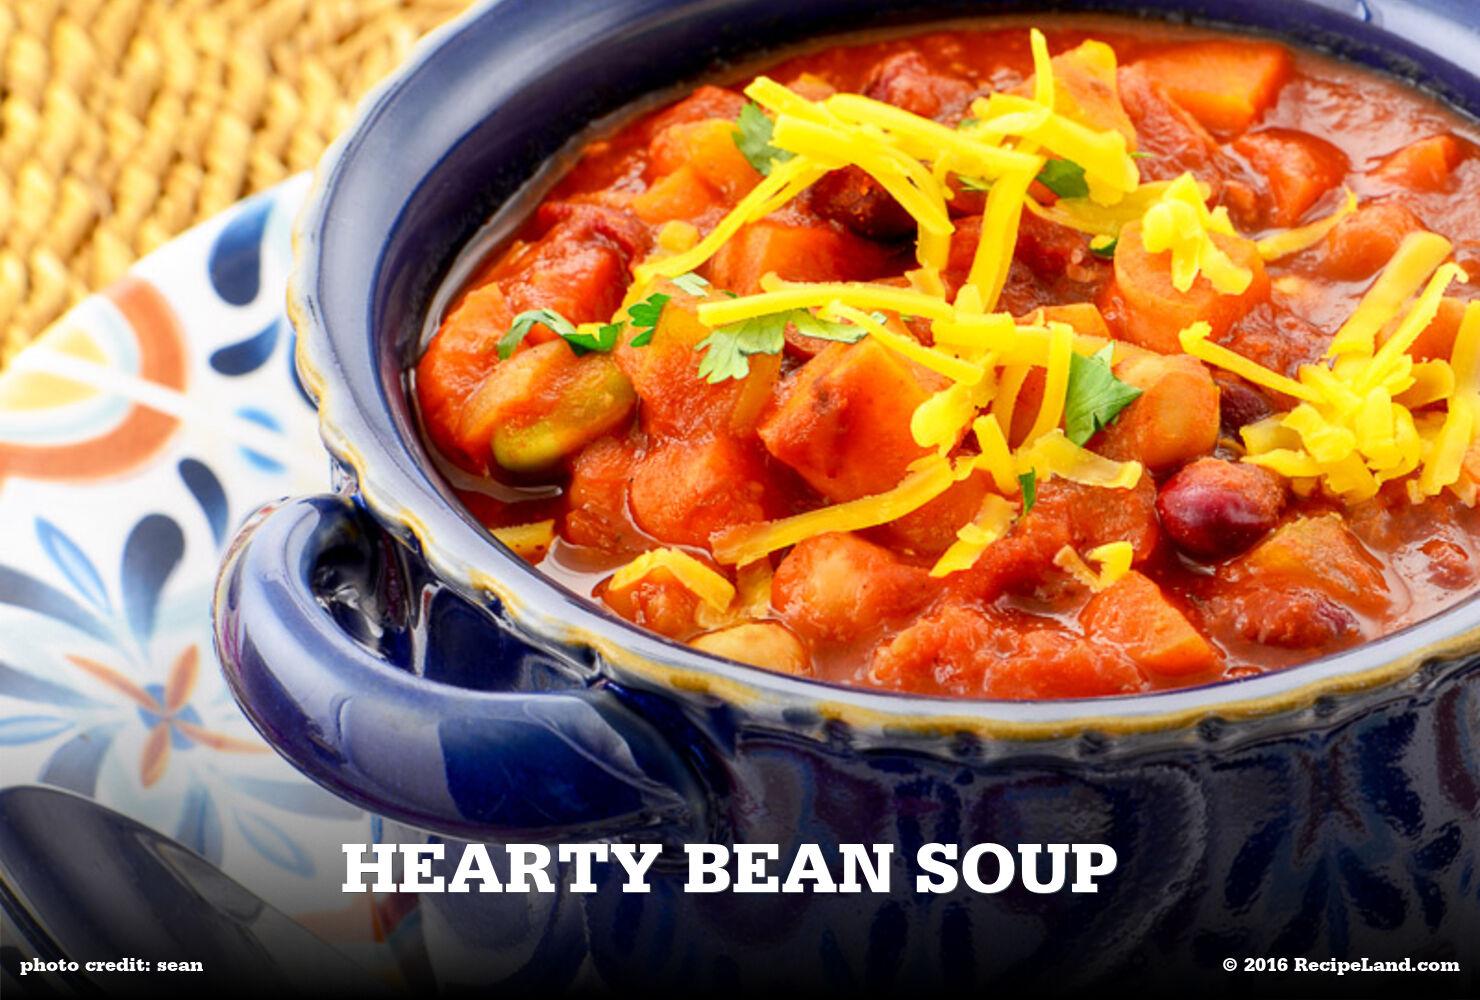 Hearty Bean Soup